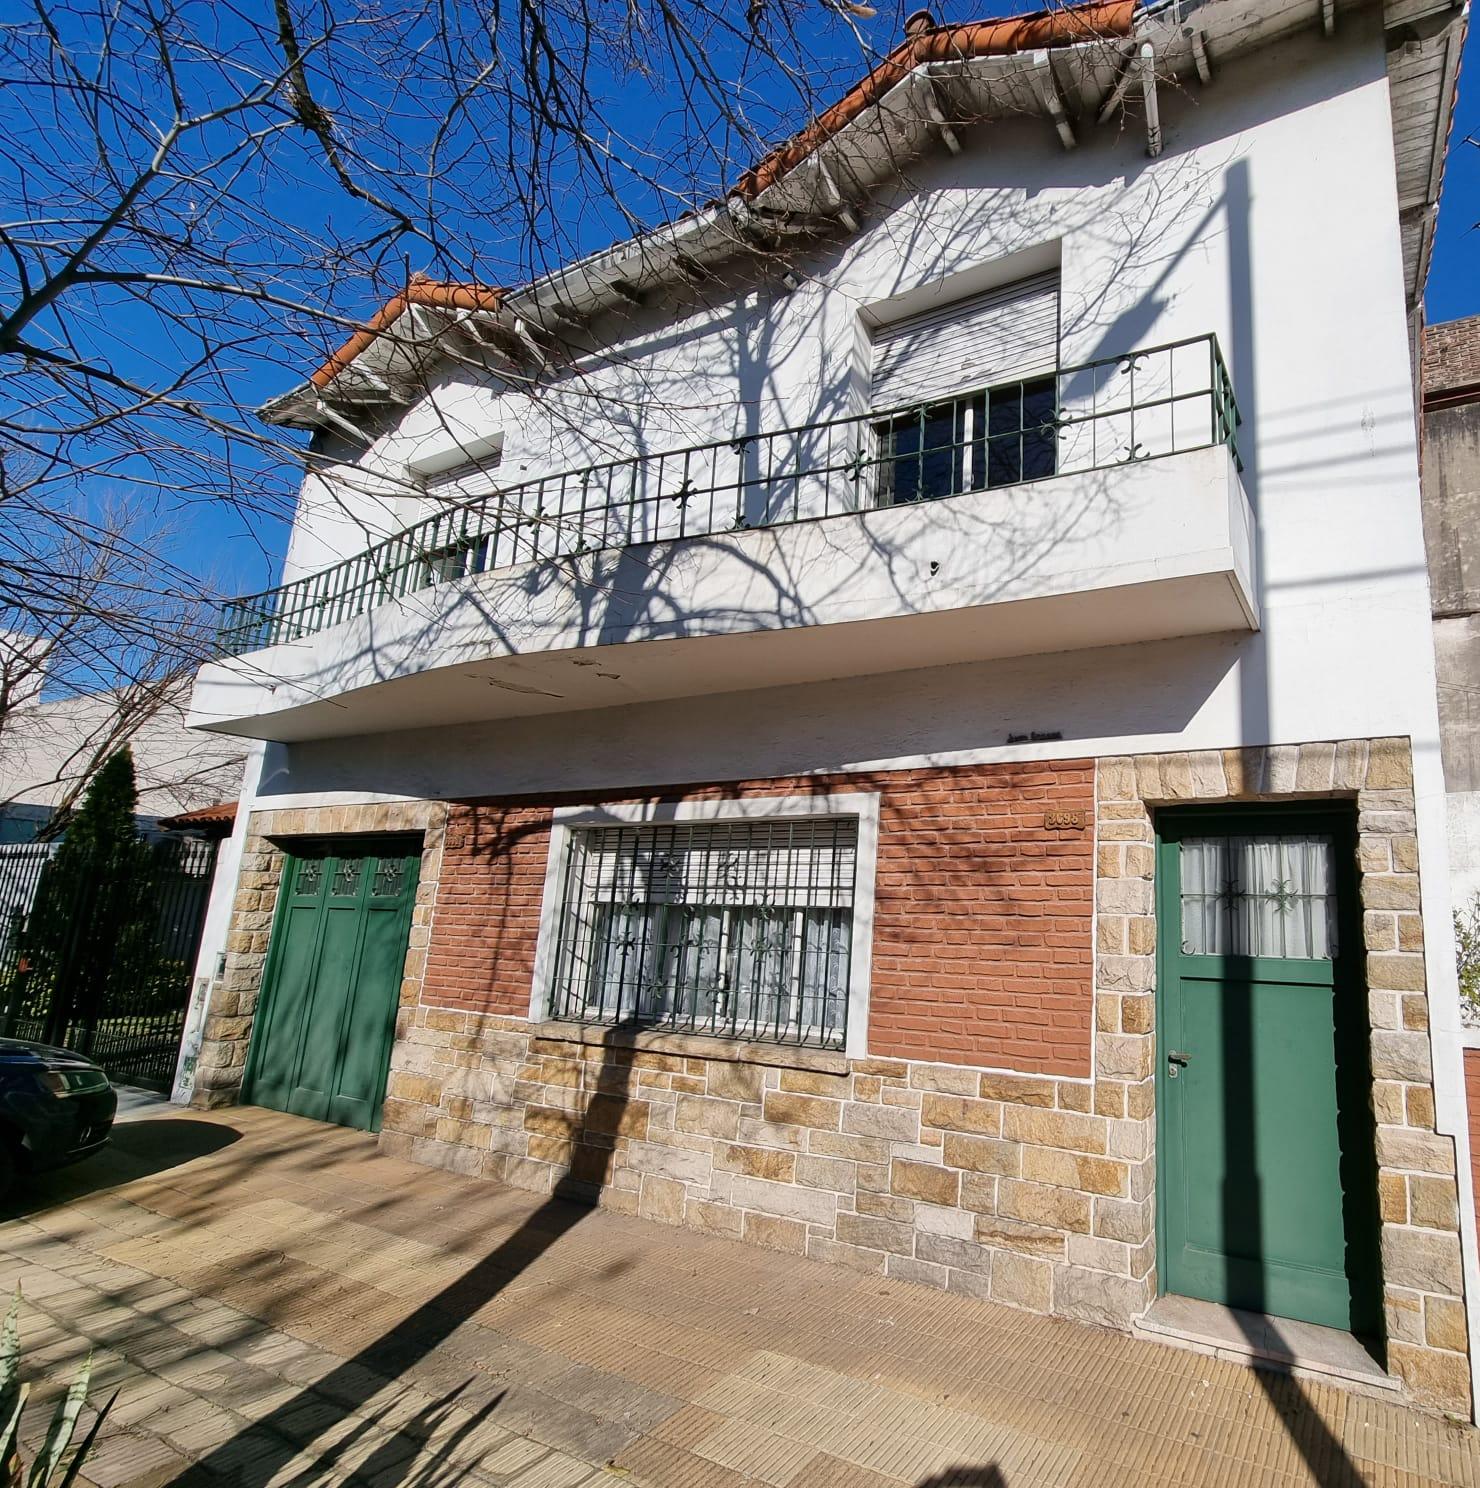 Casa 4 Amb. con Patio y Jardín a 4/c del Cenic y 3/c de Donado – Lugones 3600